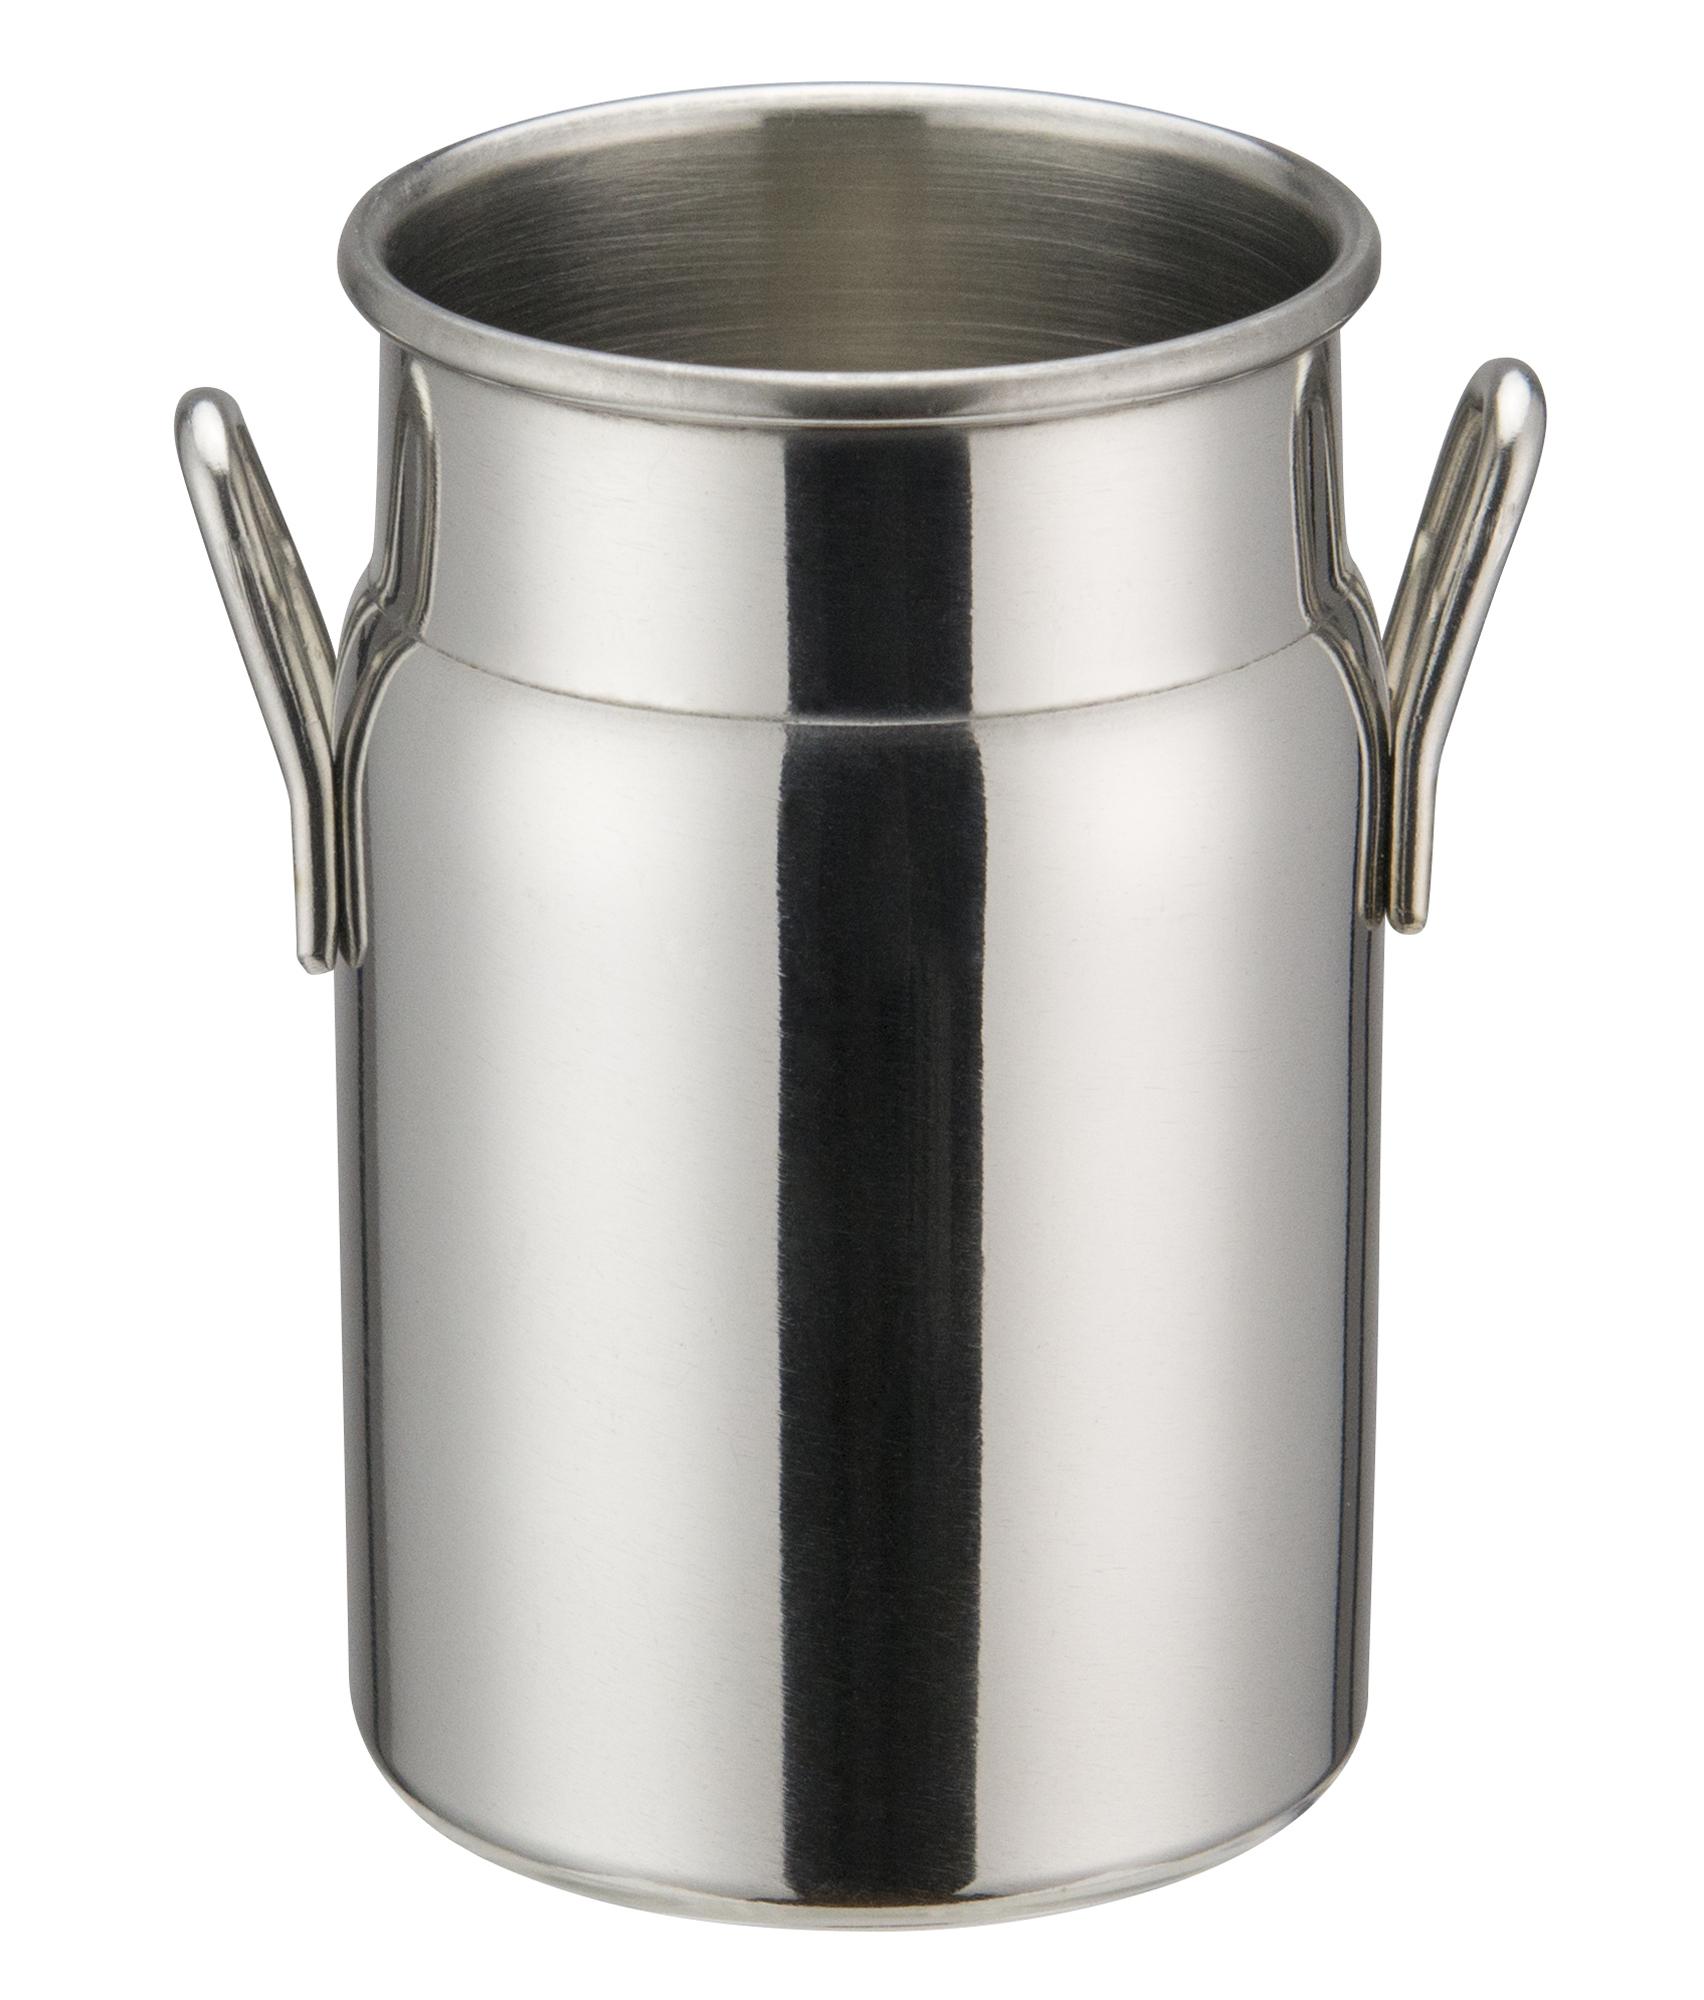 Winco DDSD-102S milk can